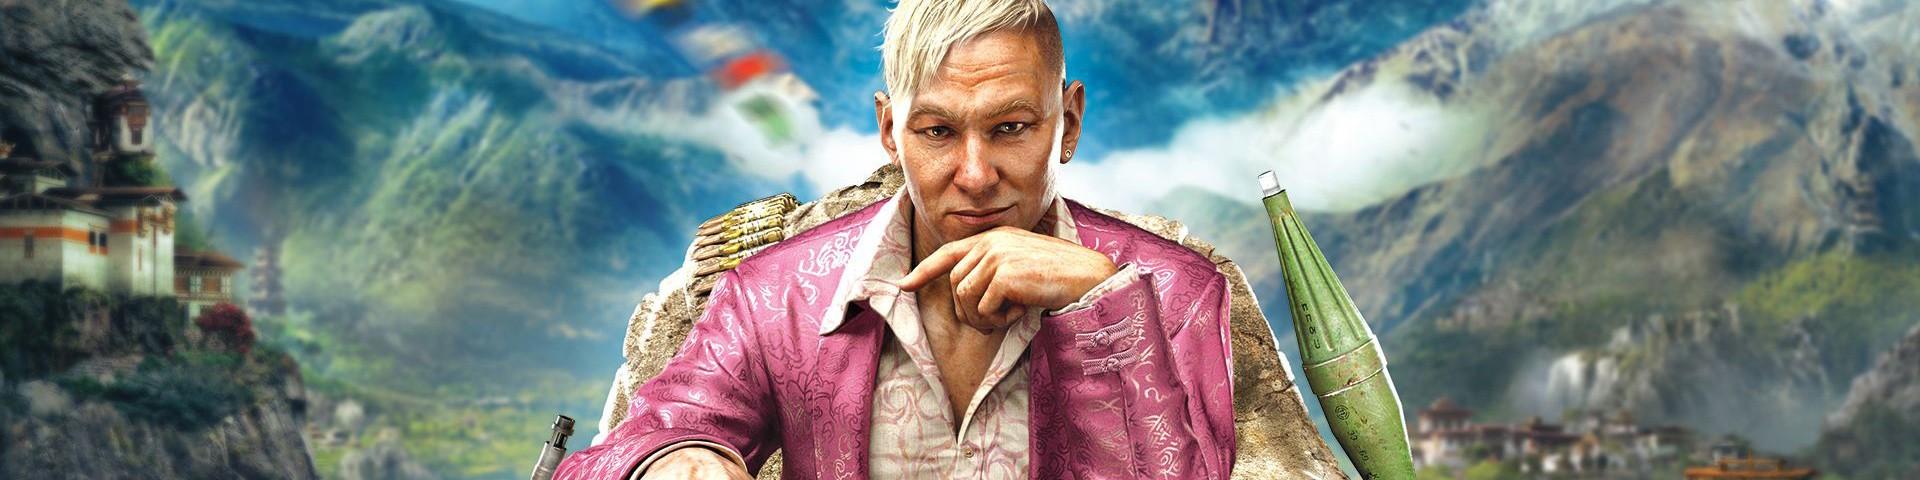 Far Cry® 4 for PC | Origin